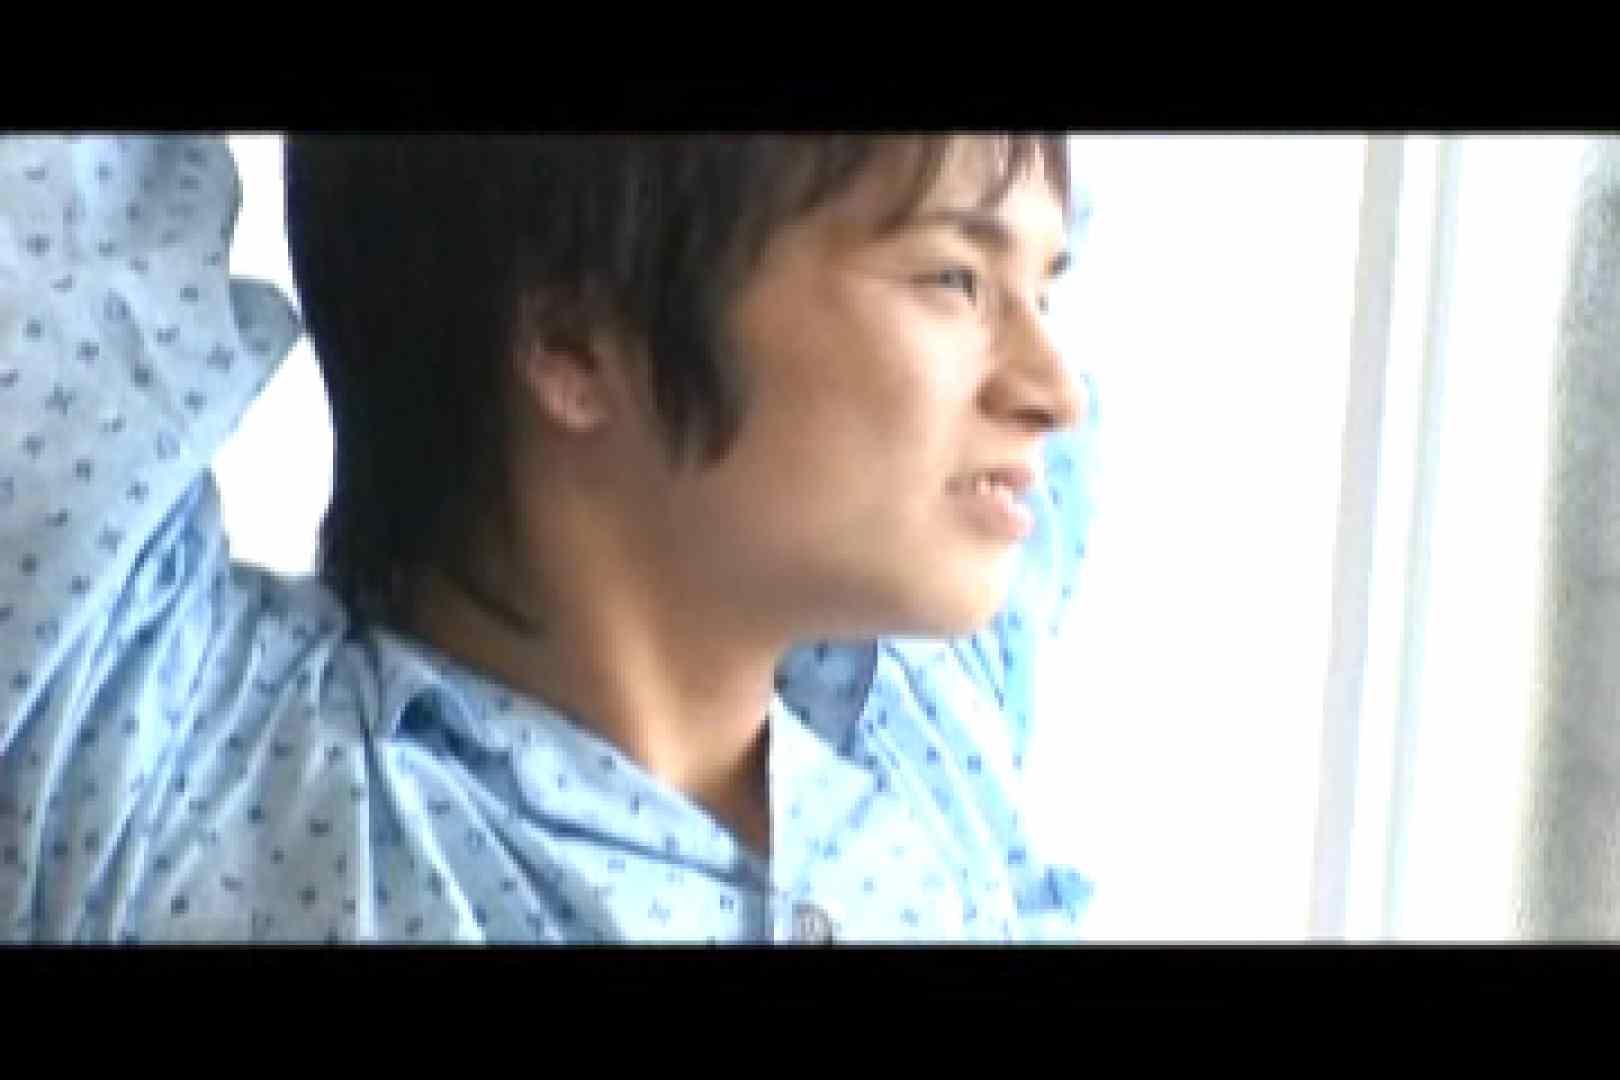 美男子コレクションvol7 イケメン ケツマンスケベ画像 104枚 61